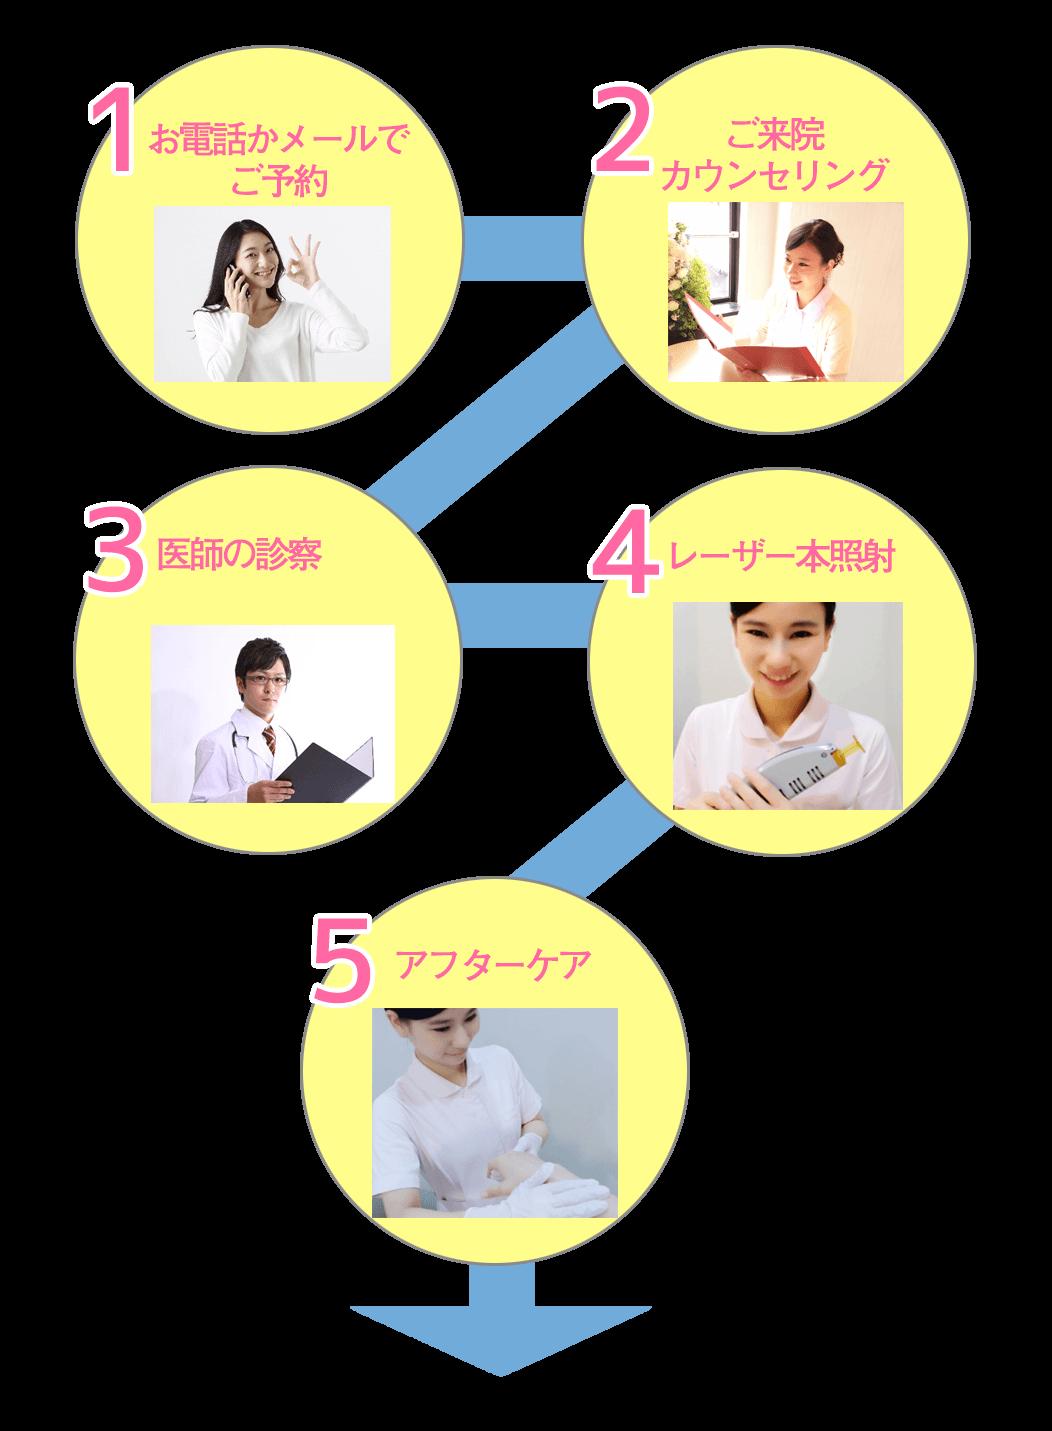 脱毛手順についての説明図です。左上から右、斜め左下、右、斜め左下、下という順番になっています。1には「お電話かメールで予約」と書かれていて携帯電話をかけている女性の画像があります。2には「ご来院 カウンセリング」と書かれていてカウンセリングをしている看護師の画像があります。3には「医師の診察」と書かれていて白衣を着た男性の画像があります。4には「レーザー本照射」と書かれていてレーザー脱毛器をもった看護師の画像があります。5には「アウターケアー」と書かれていて炎症止めの軟膏を塗る看護師の画像があります。